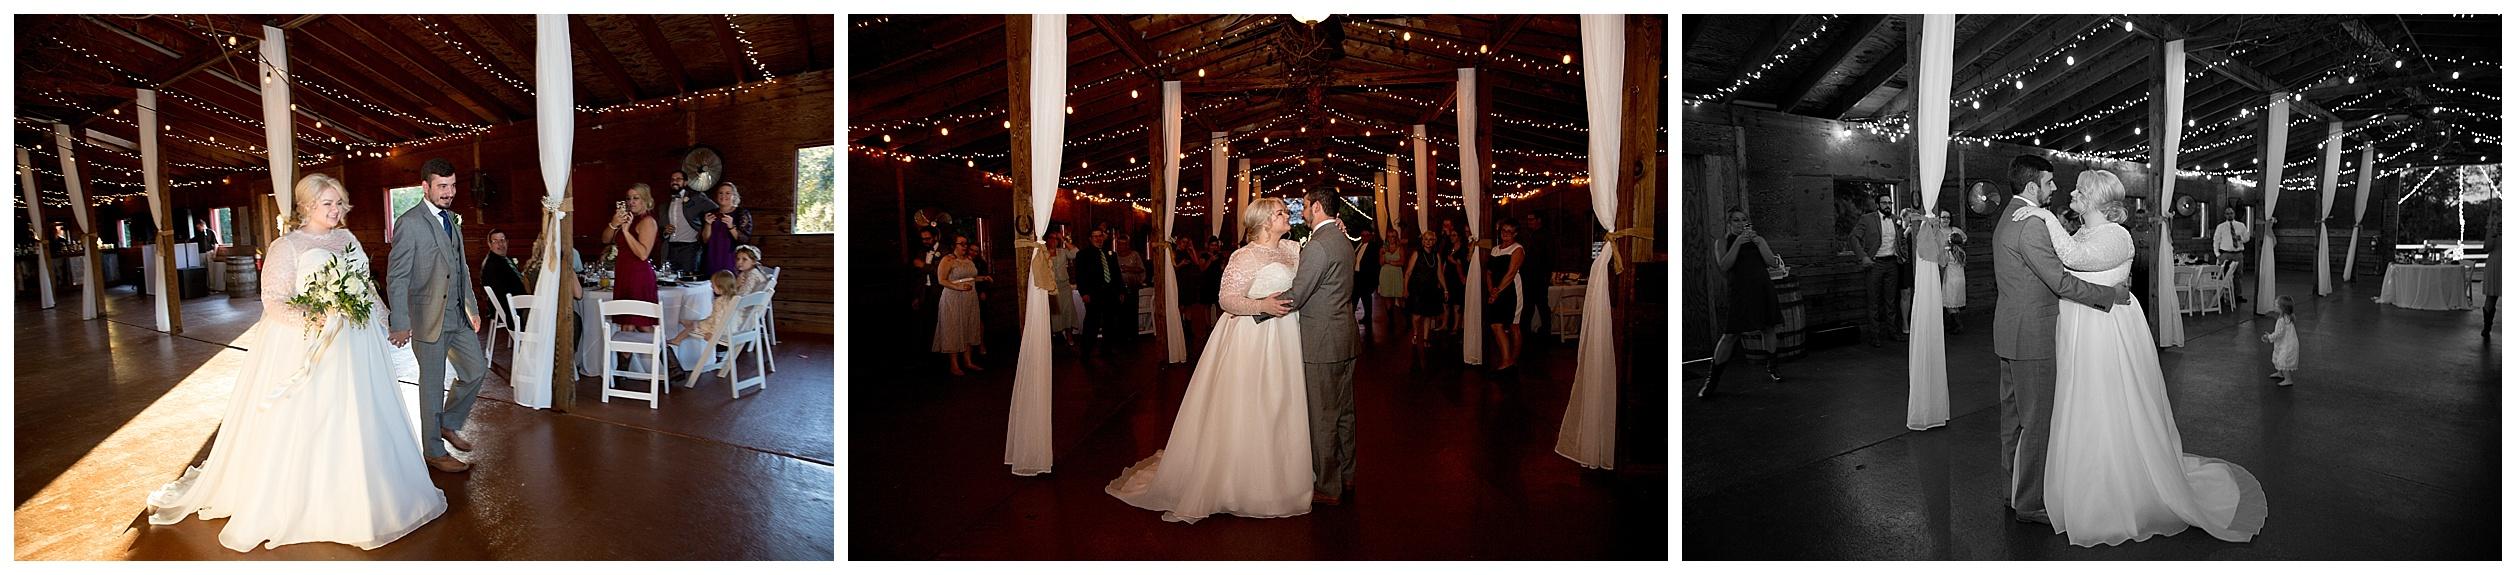 red gate farms wedding -marcy greg-37.jpg